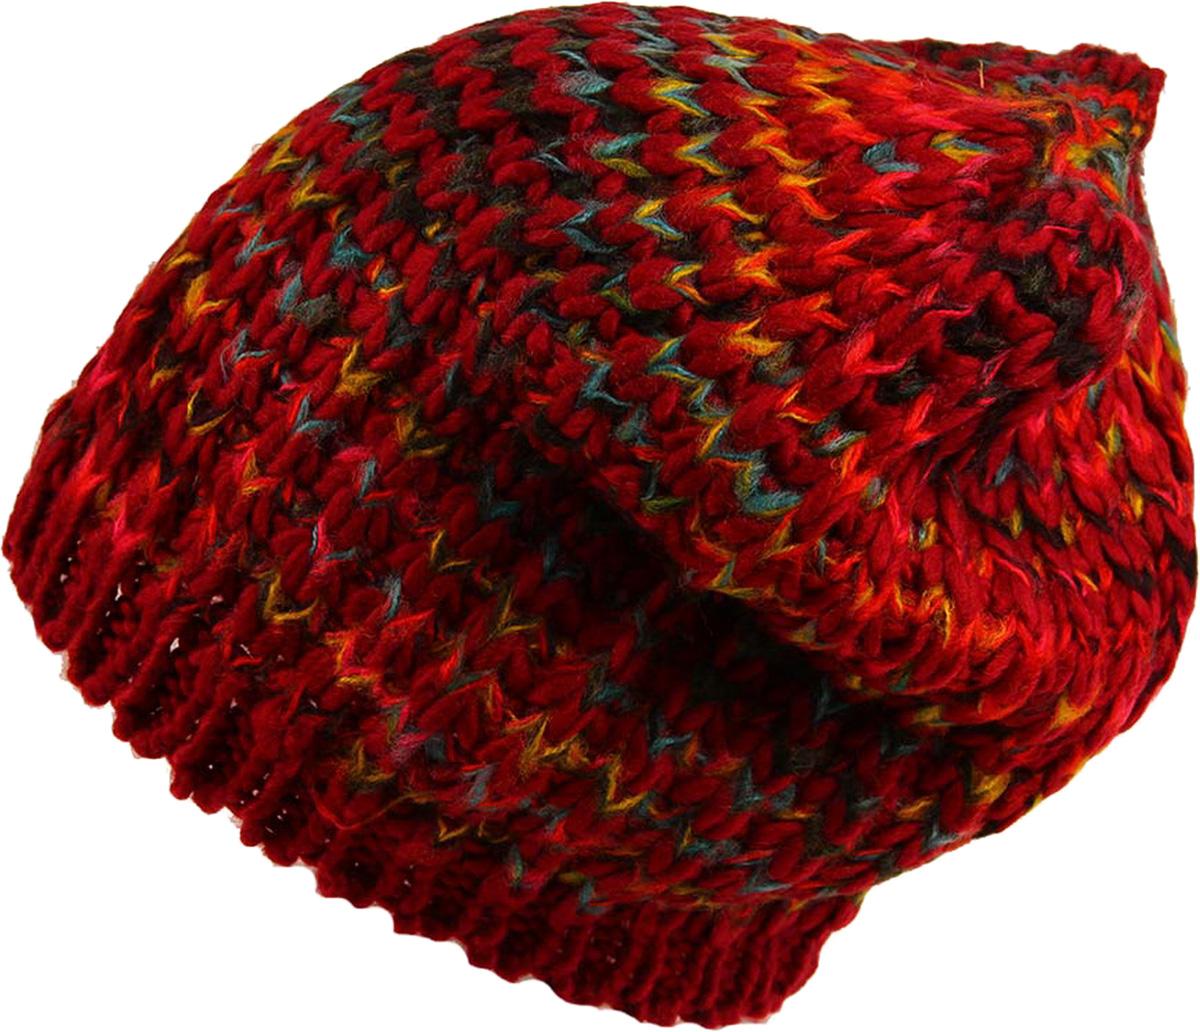 Шапка женская Venera, цвет: красный, коричневый, желтый, розовый, голубой. 9806456-04. Размер универсальный9806456-04 ШапкаСтильная женская шапка Venera, выполненная из комбинированной шерстяной пряжи, станет отличным дополнением вашего образа в холодную погоду. Широкая резинка по низу изделия обеспечивает удобную посадку и идеальное облегание. Шапка Venera отлично дополнит ваш повседневный образ, это универсальный и очень практичный аксессуар.